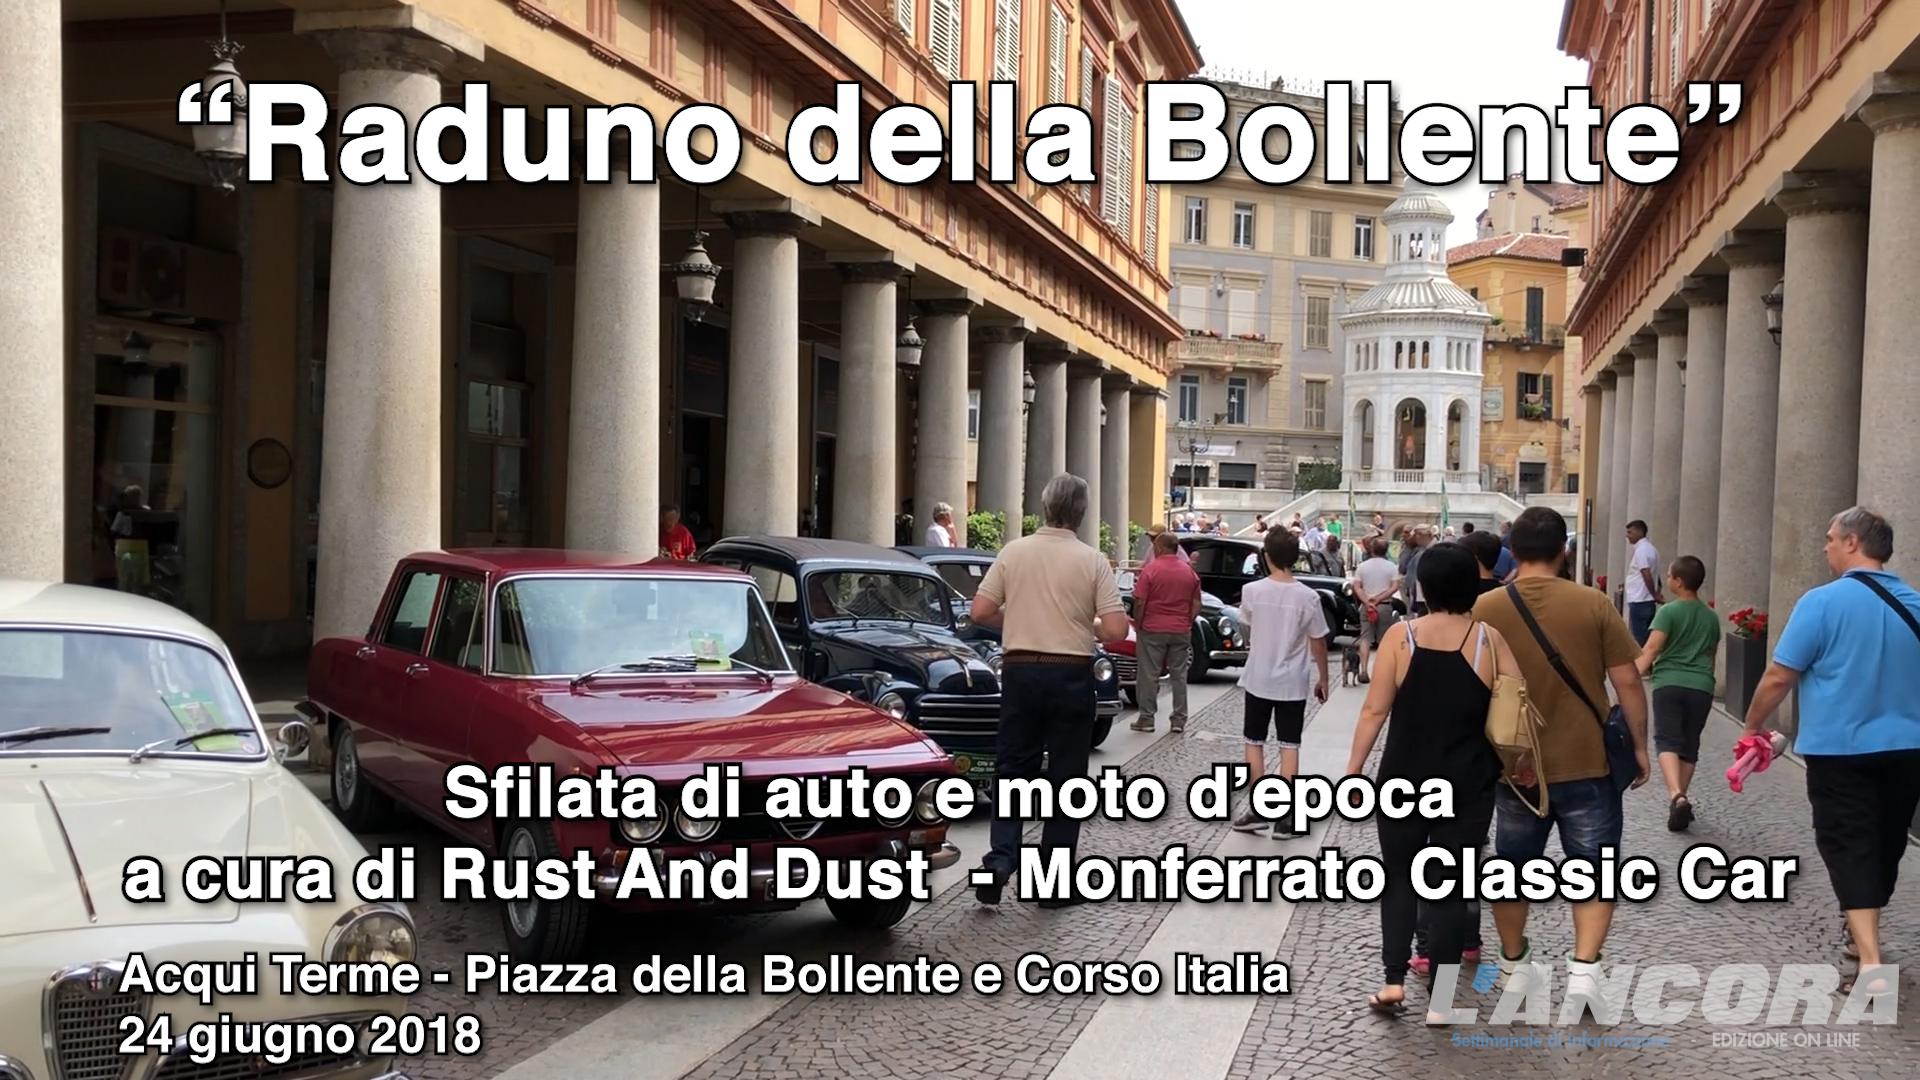 Acqui Terme - Raduno della Bollente 2018 (VIDEO)